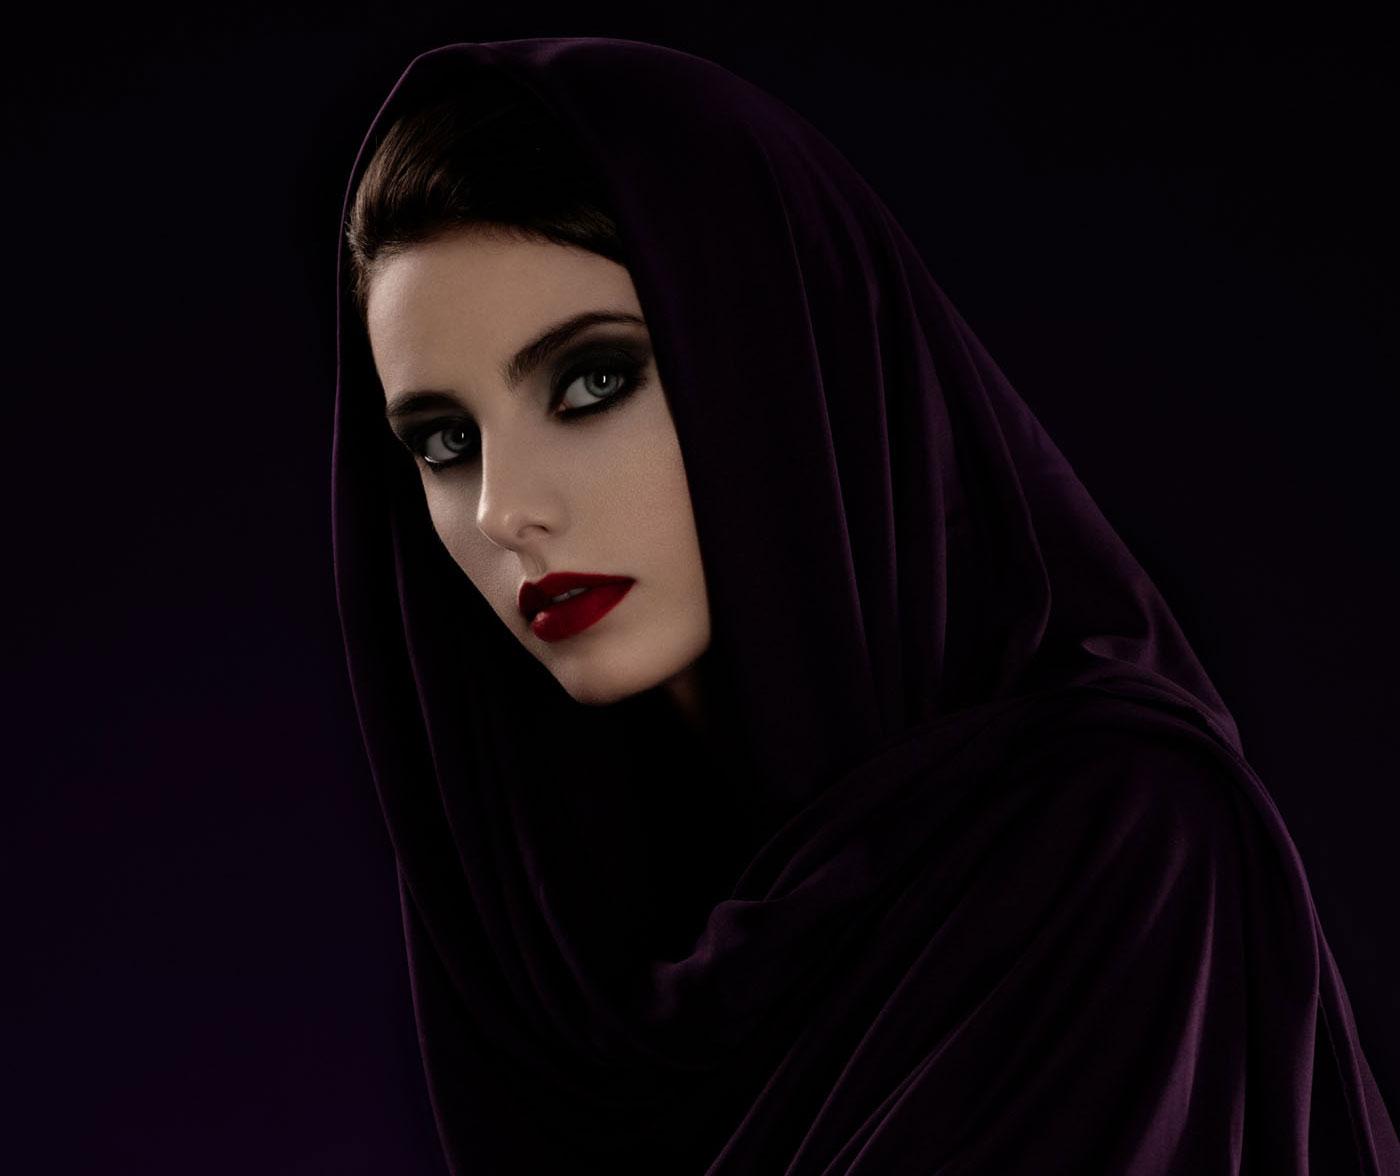 beautiful women photography purple woman by alfredo sanchez